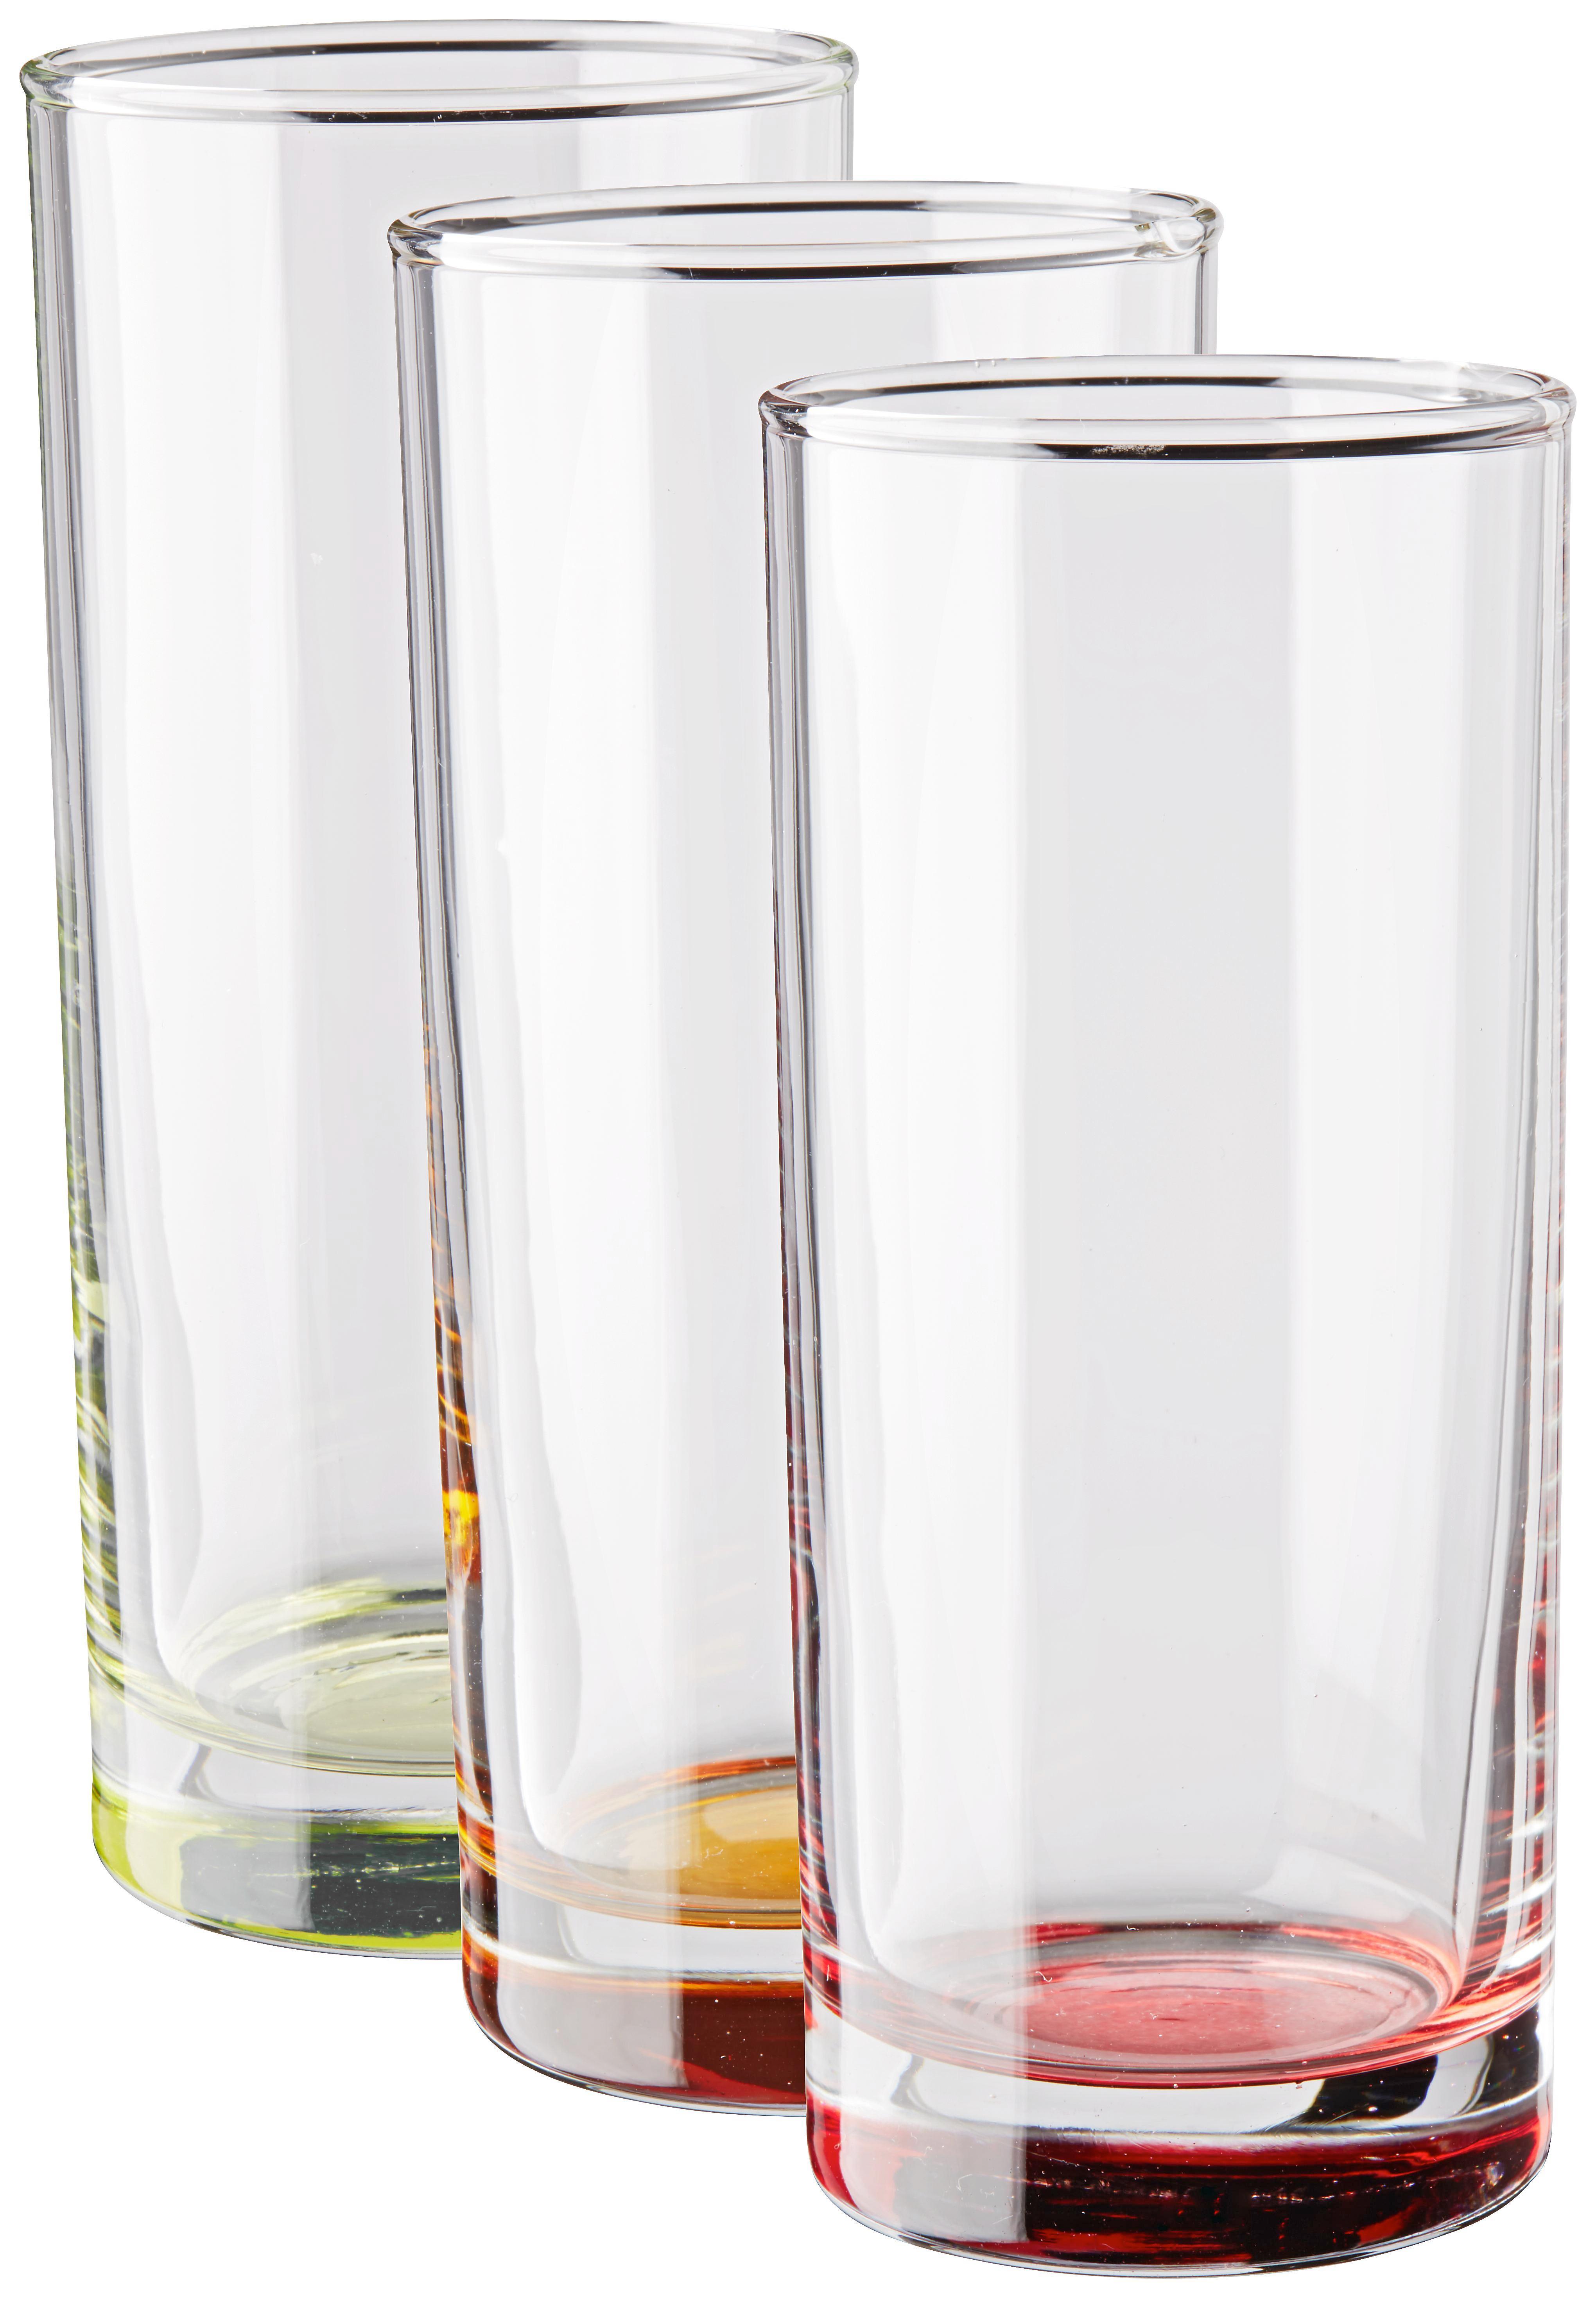 Set Kozarcev Conny - modra/rdeča, steklo (6/13,8cm) - MÖMAX modern living